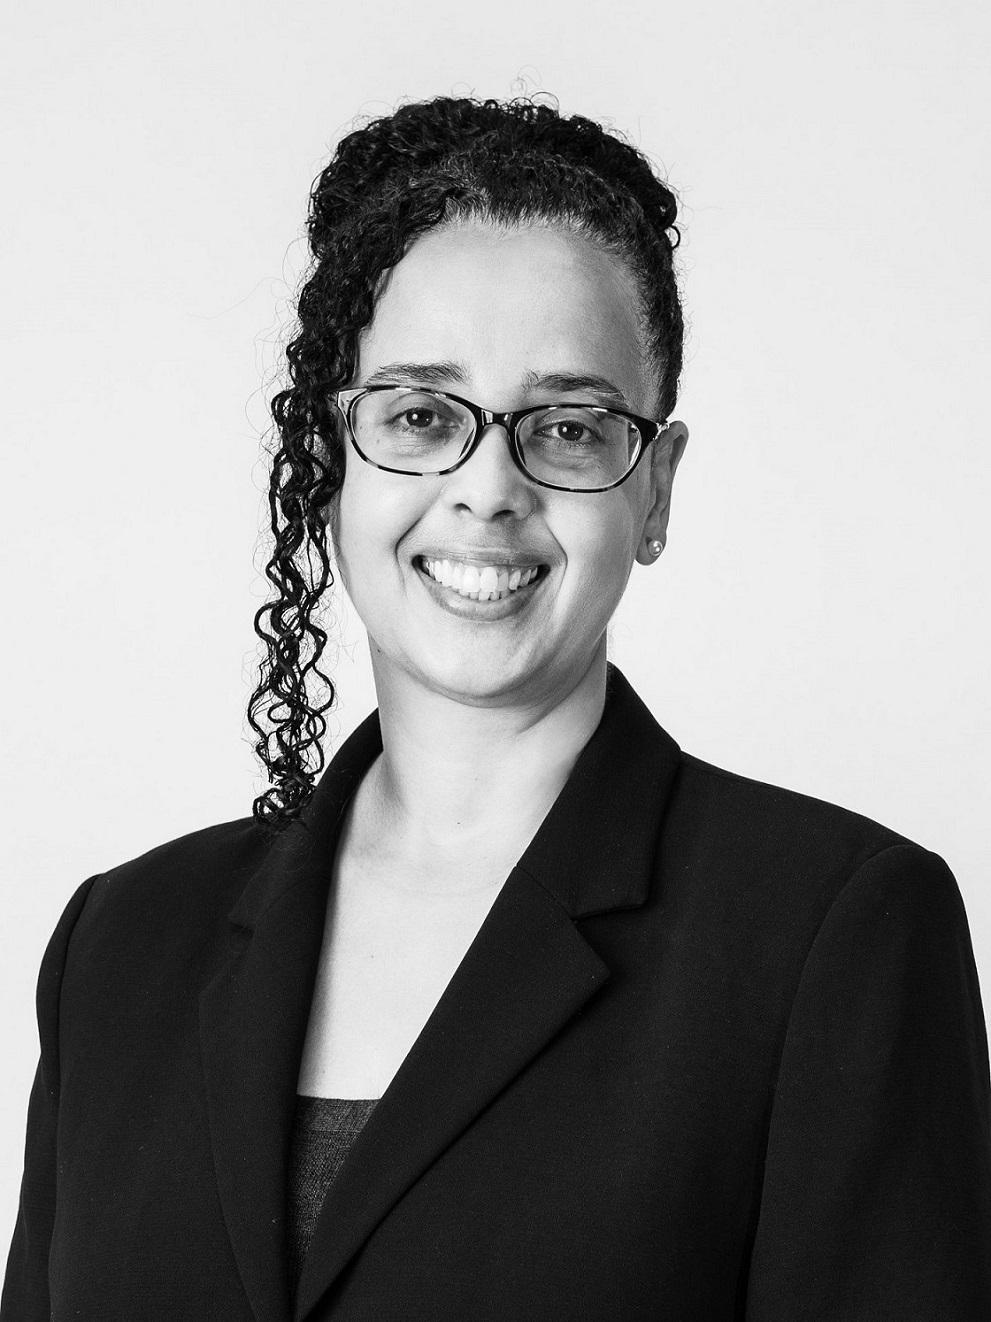 Lisa Vlijter